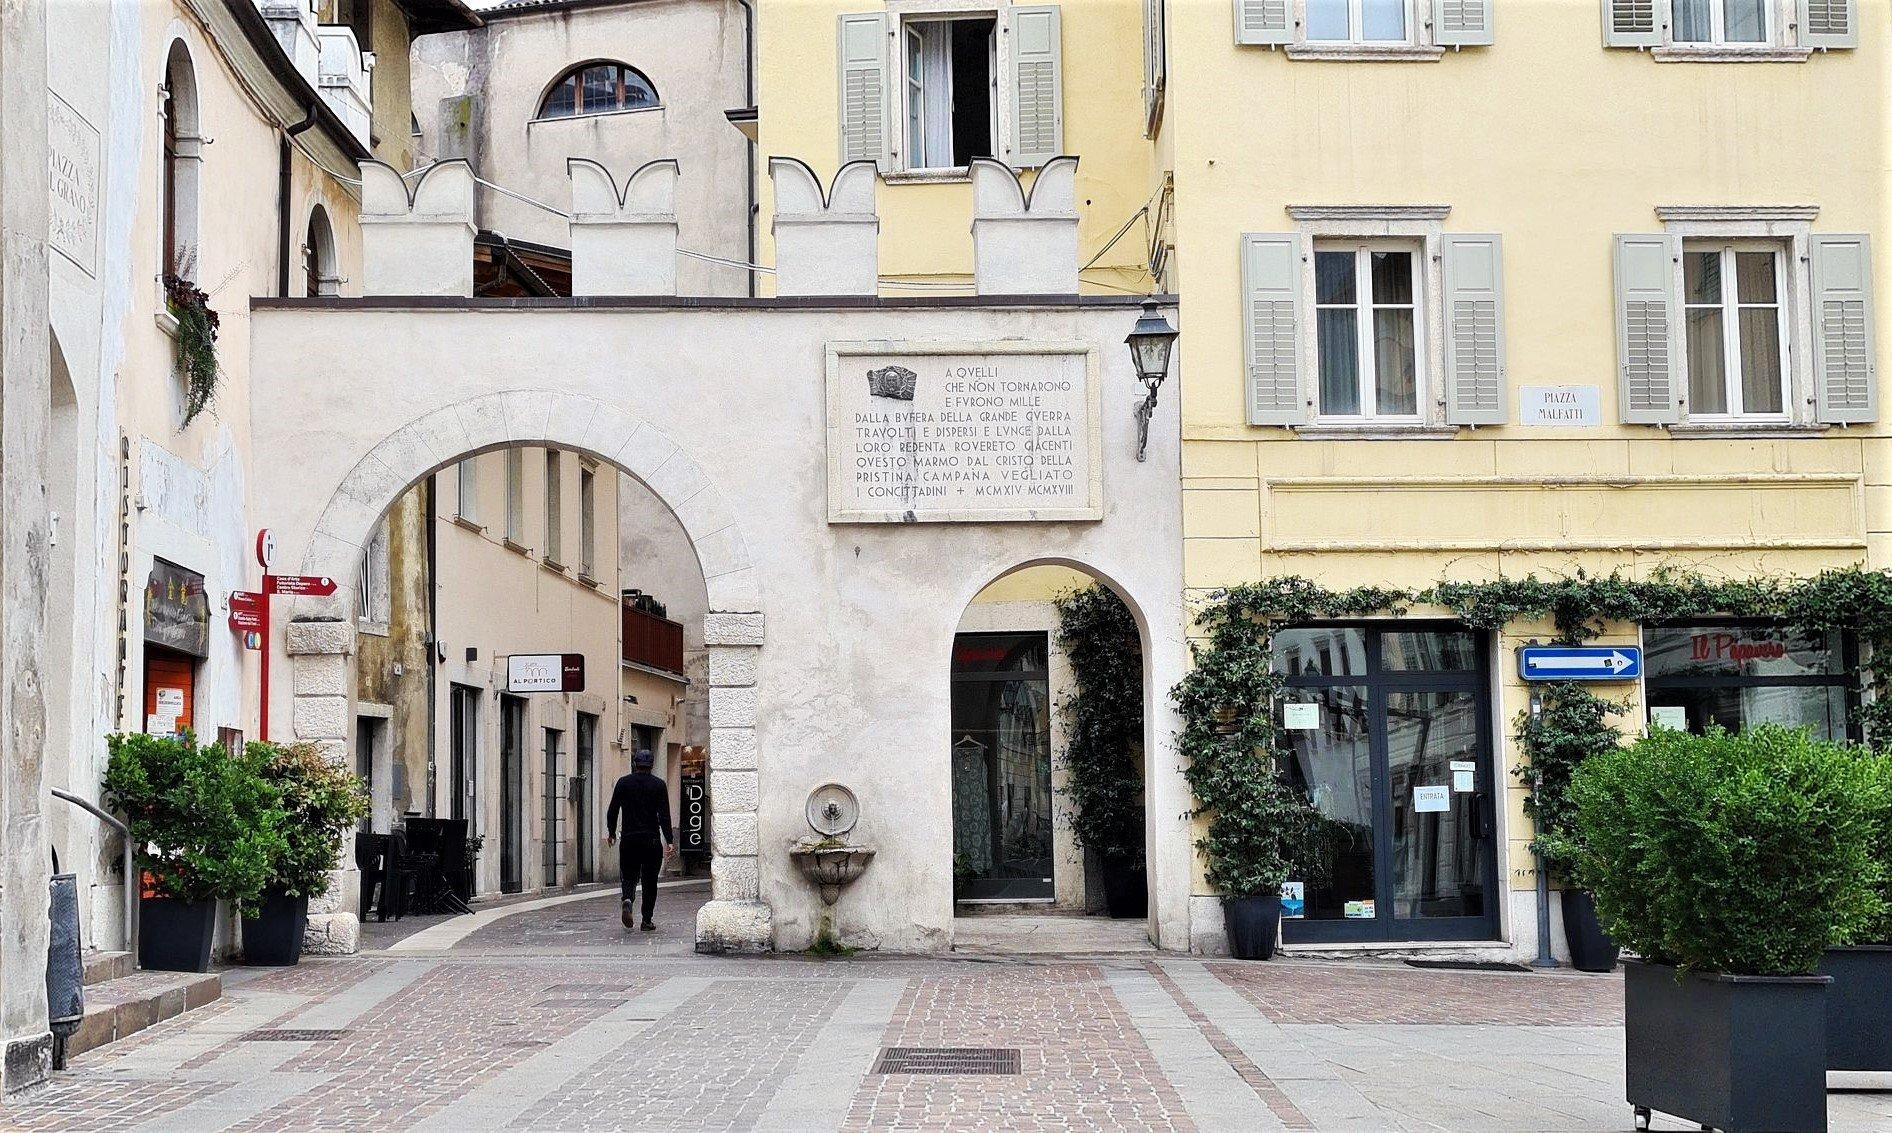 Piazza Malfatti Rovereto